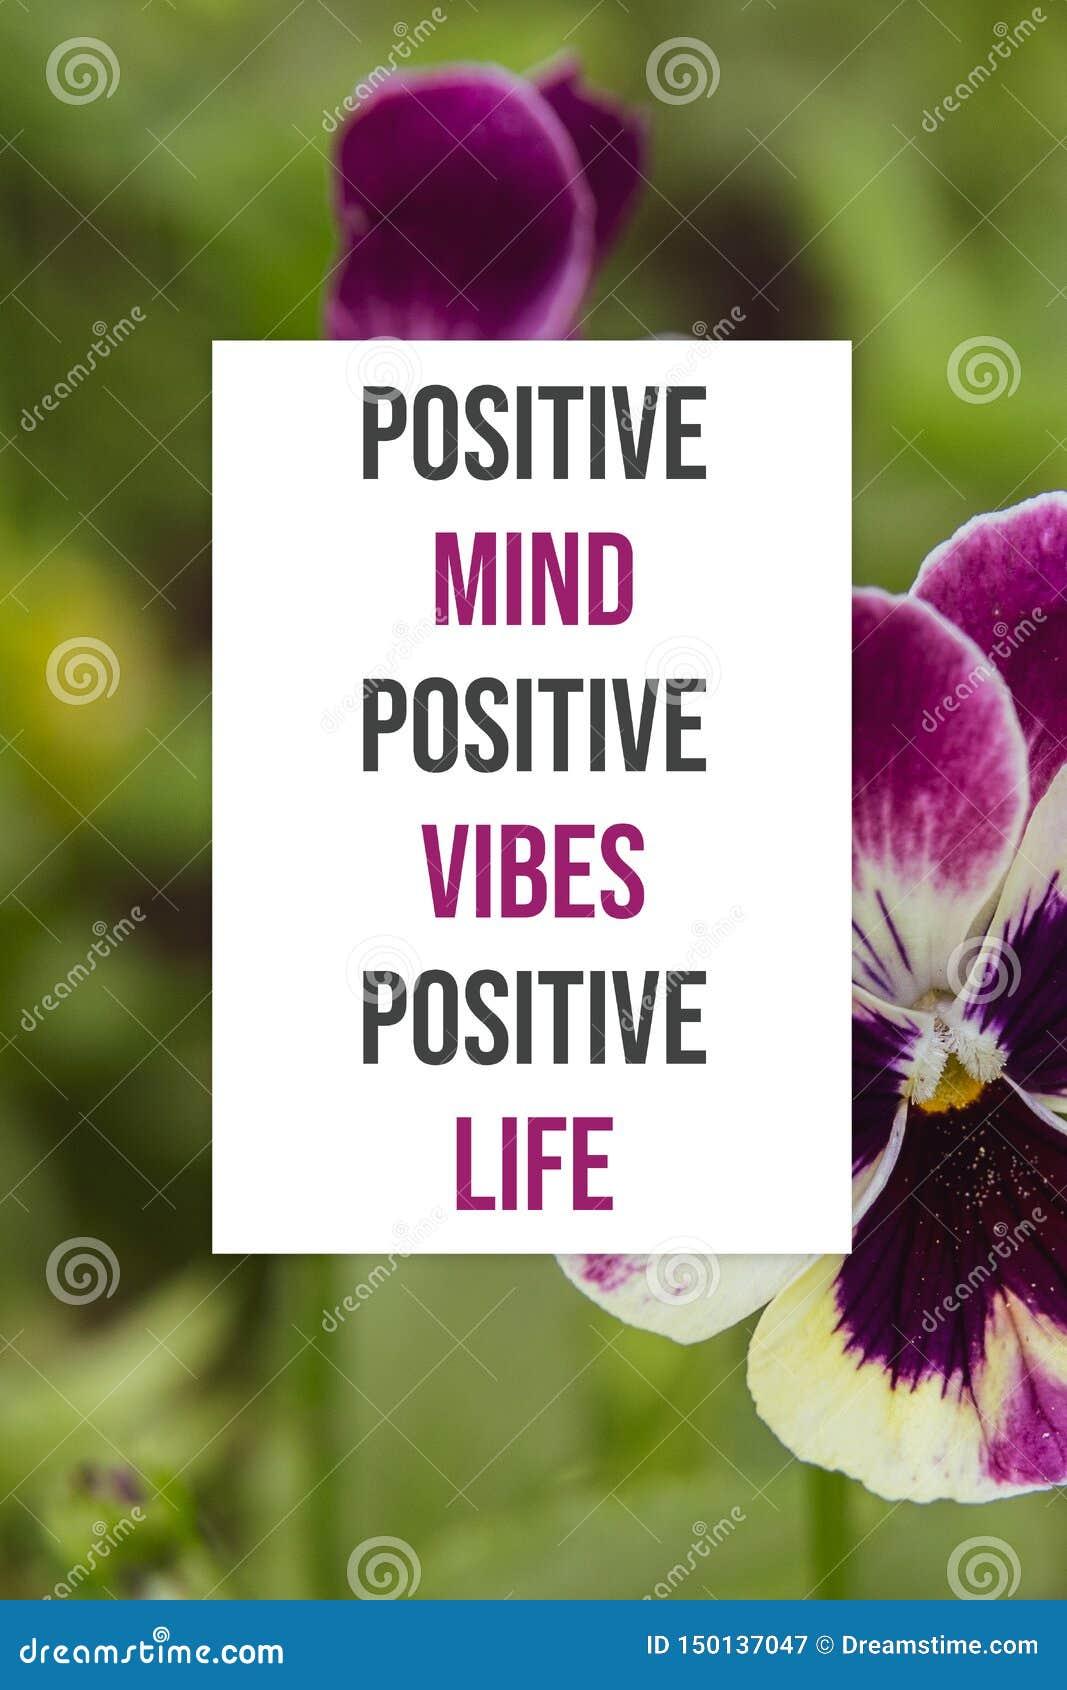 Vida positiva das vibrações positivas positivas inspiradas da mente do cartaz